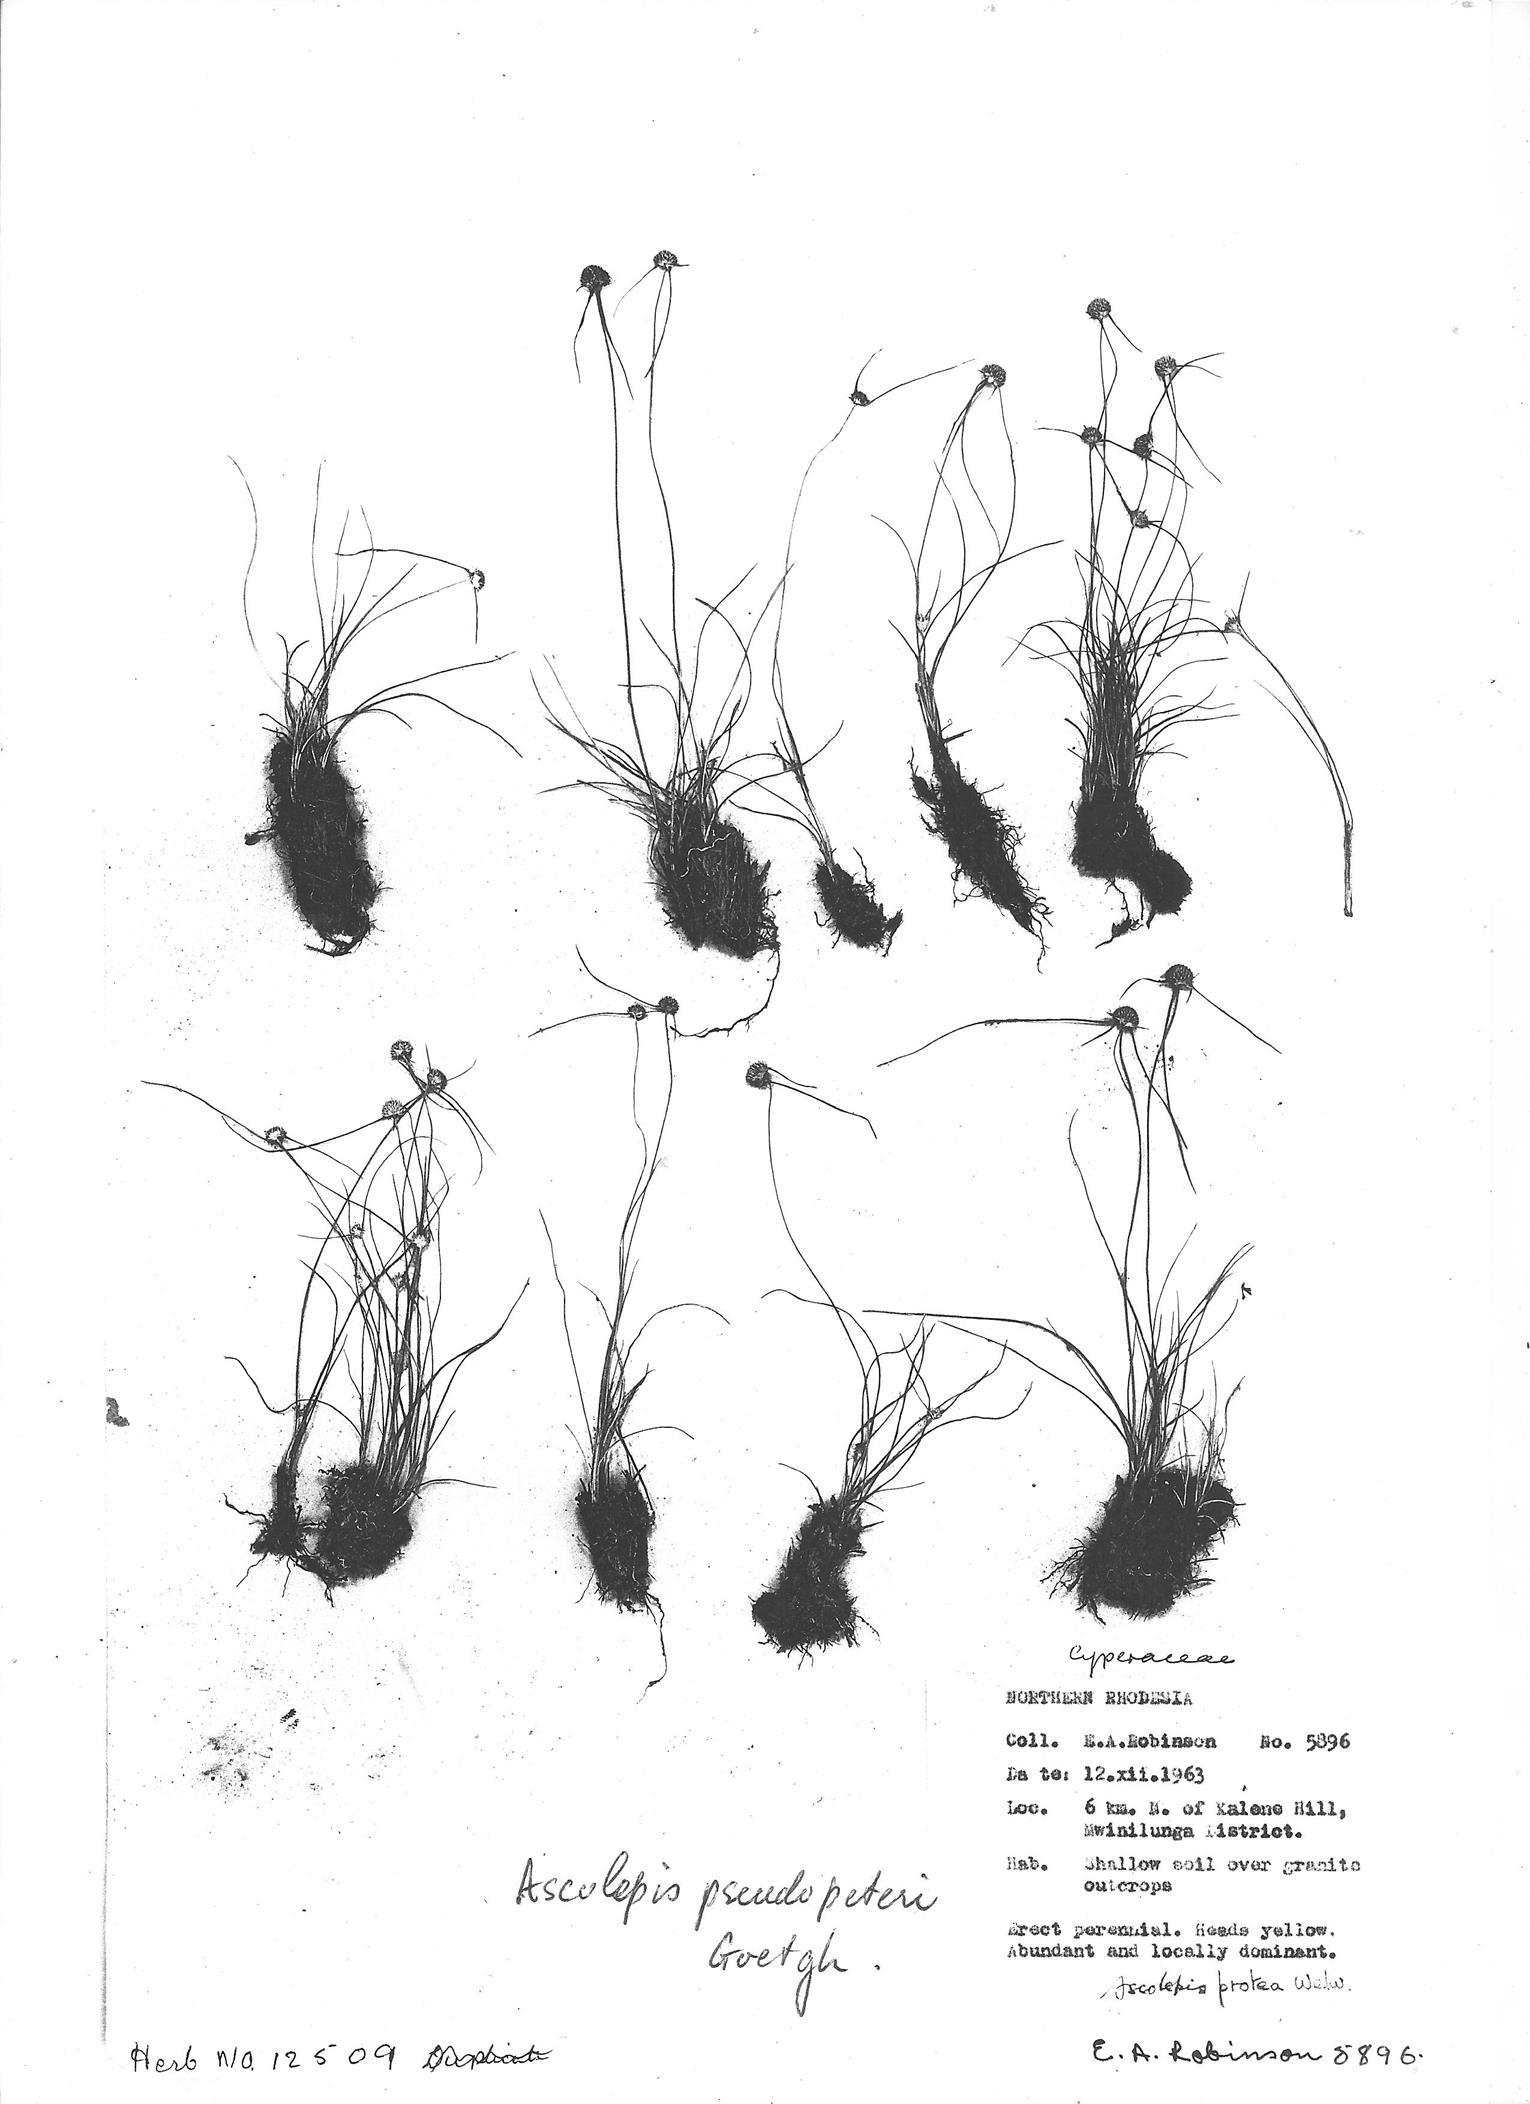 Ascolepis pseudopeteri